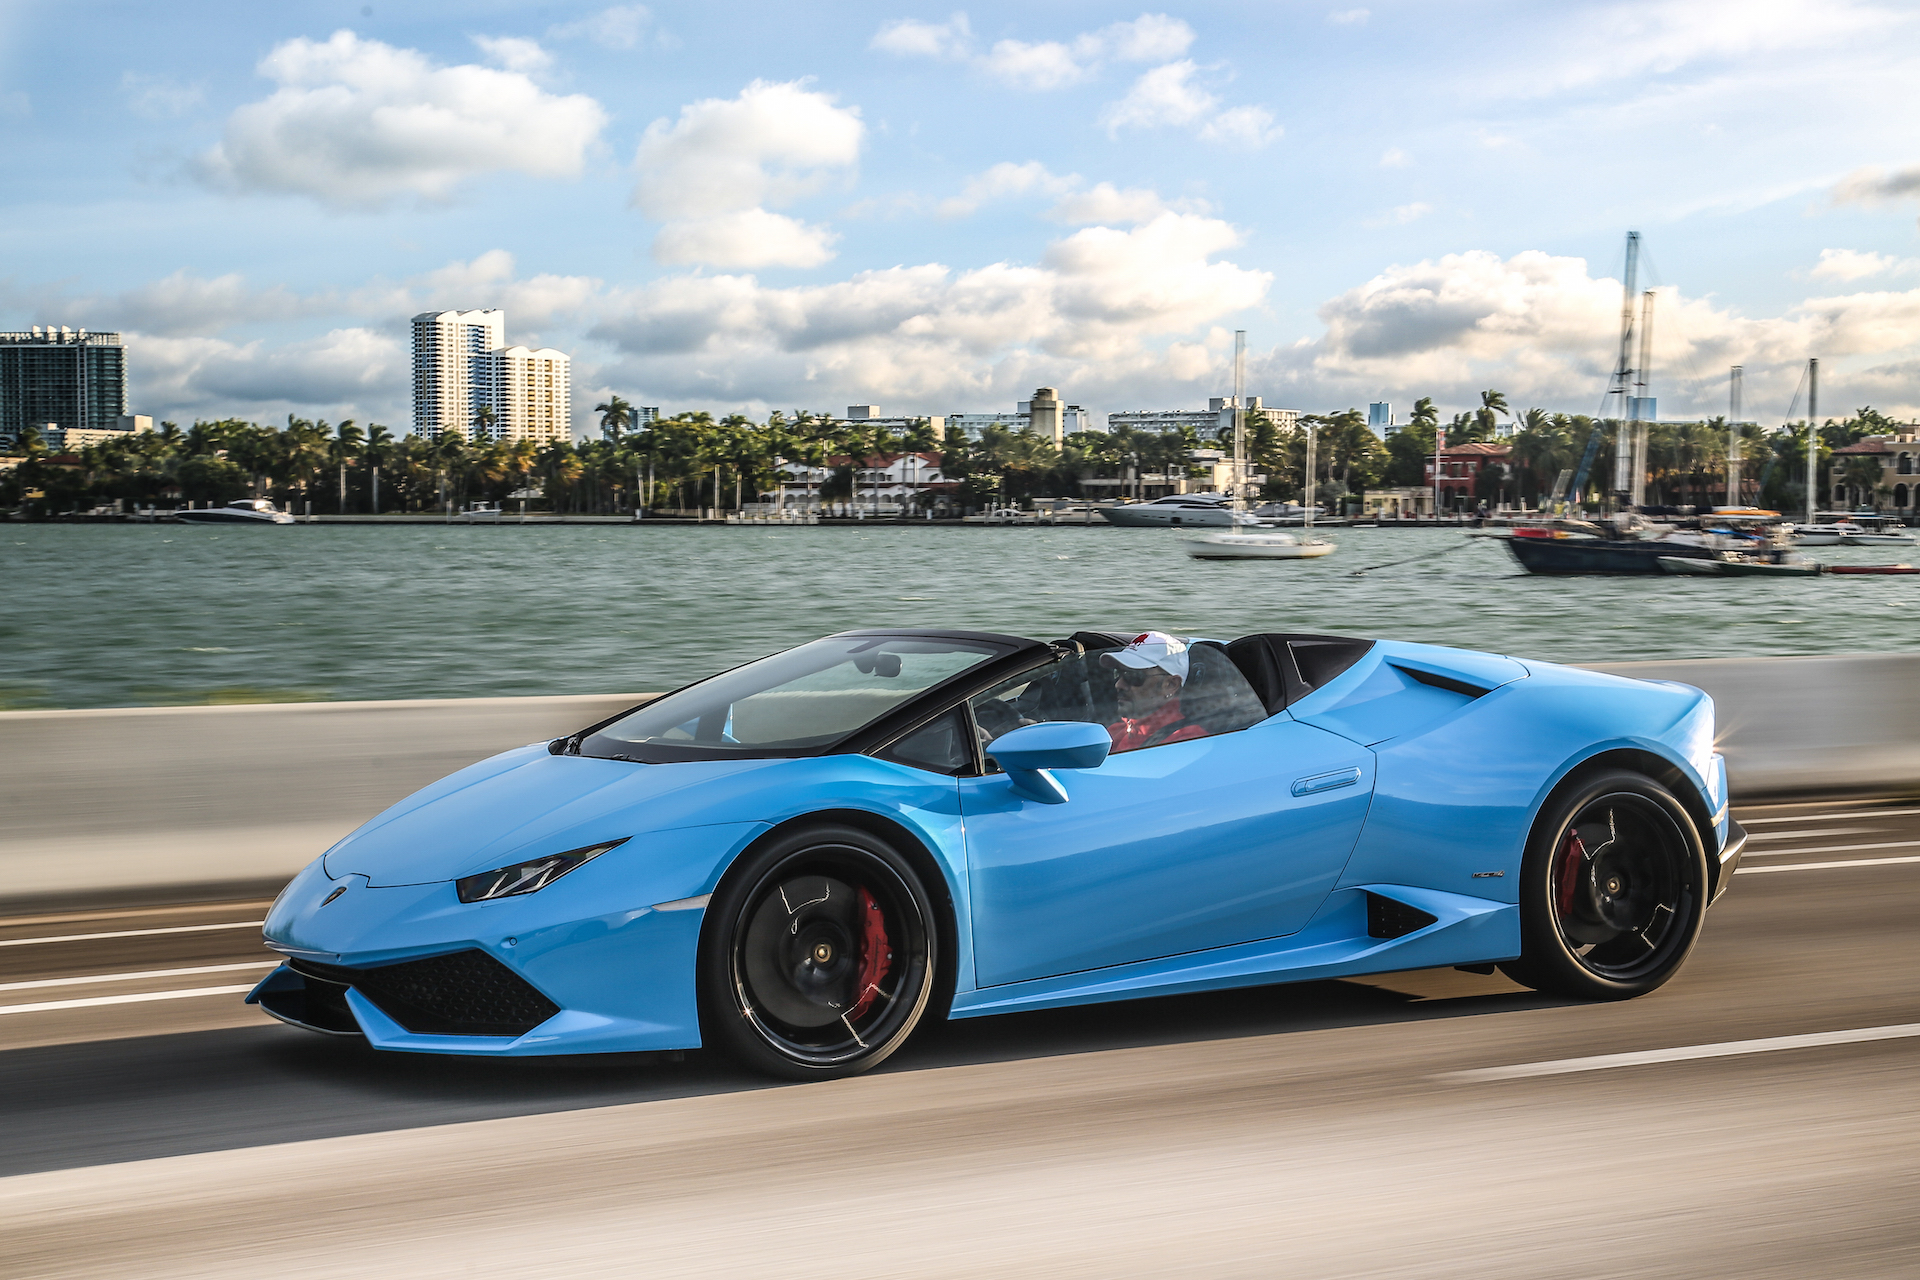 2016 Lamborghini Huracan Review, Ratings, Specs, Prices ...